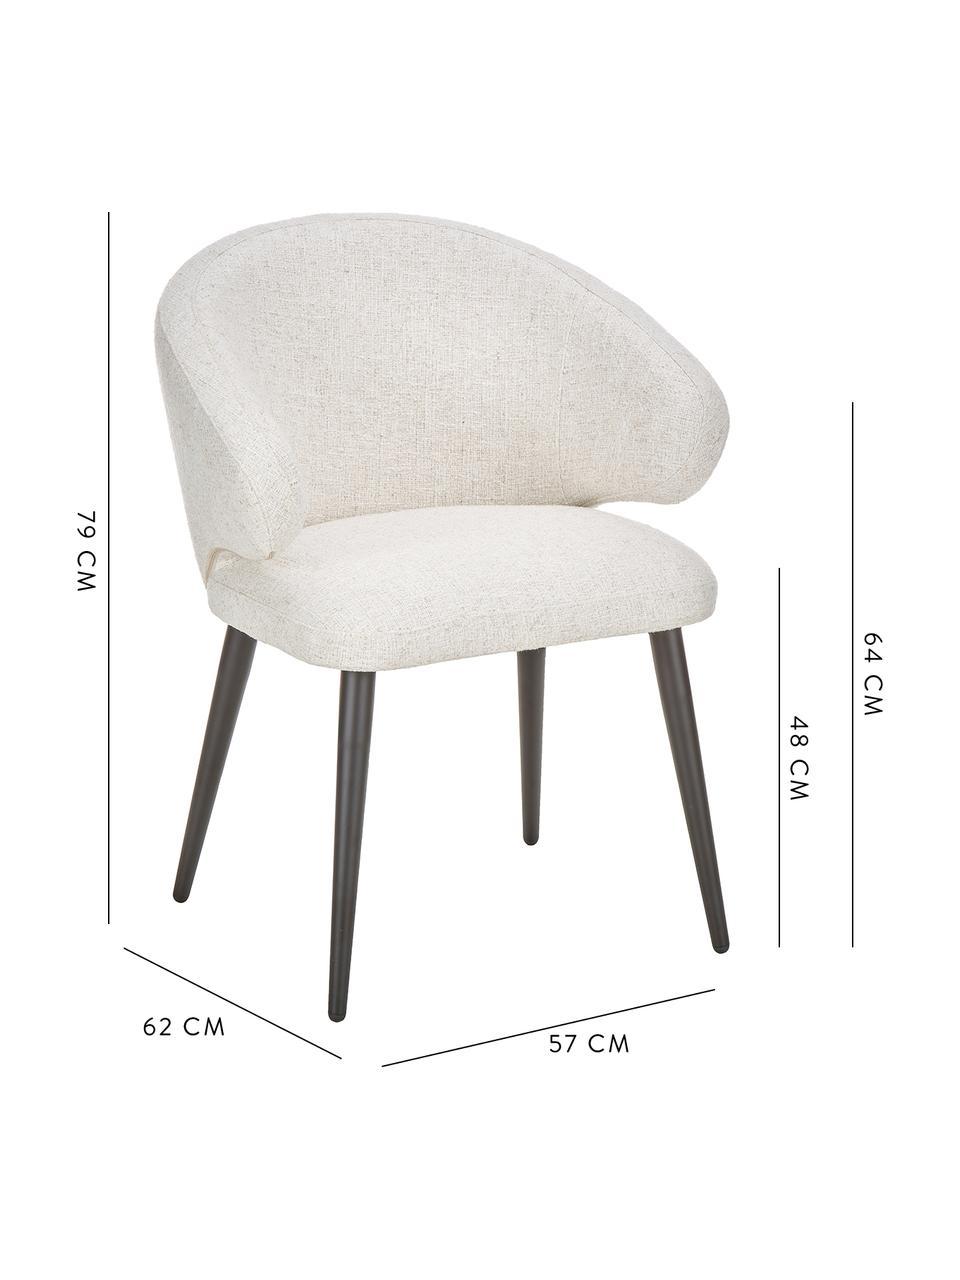 Chaise design moderne tissu bouclé Celia, En tissu bouclé blanc crème